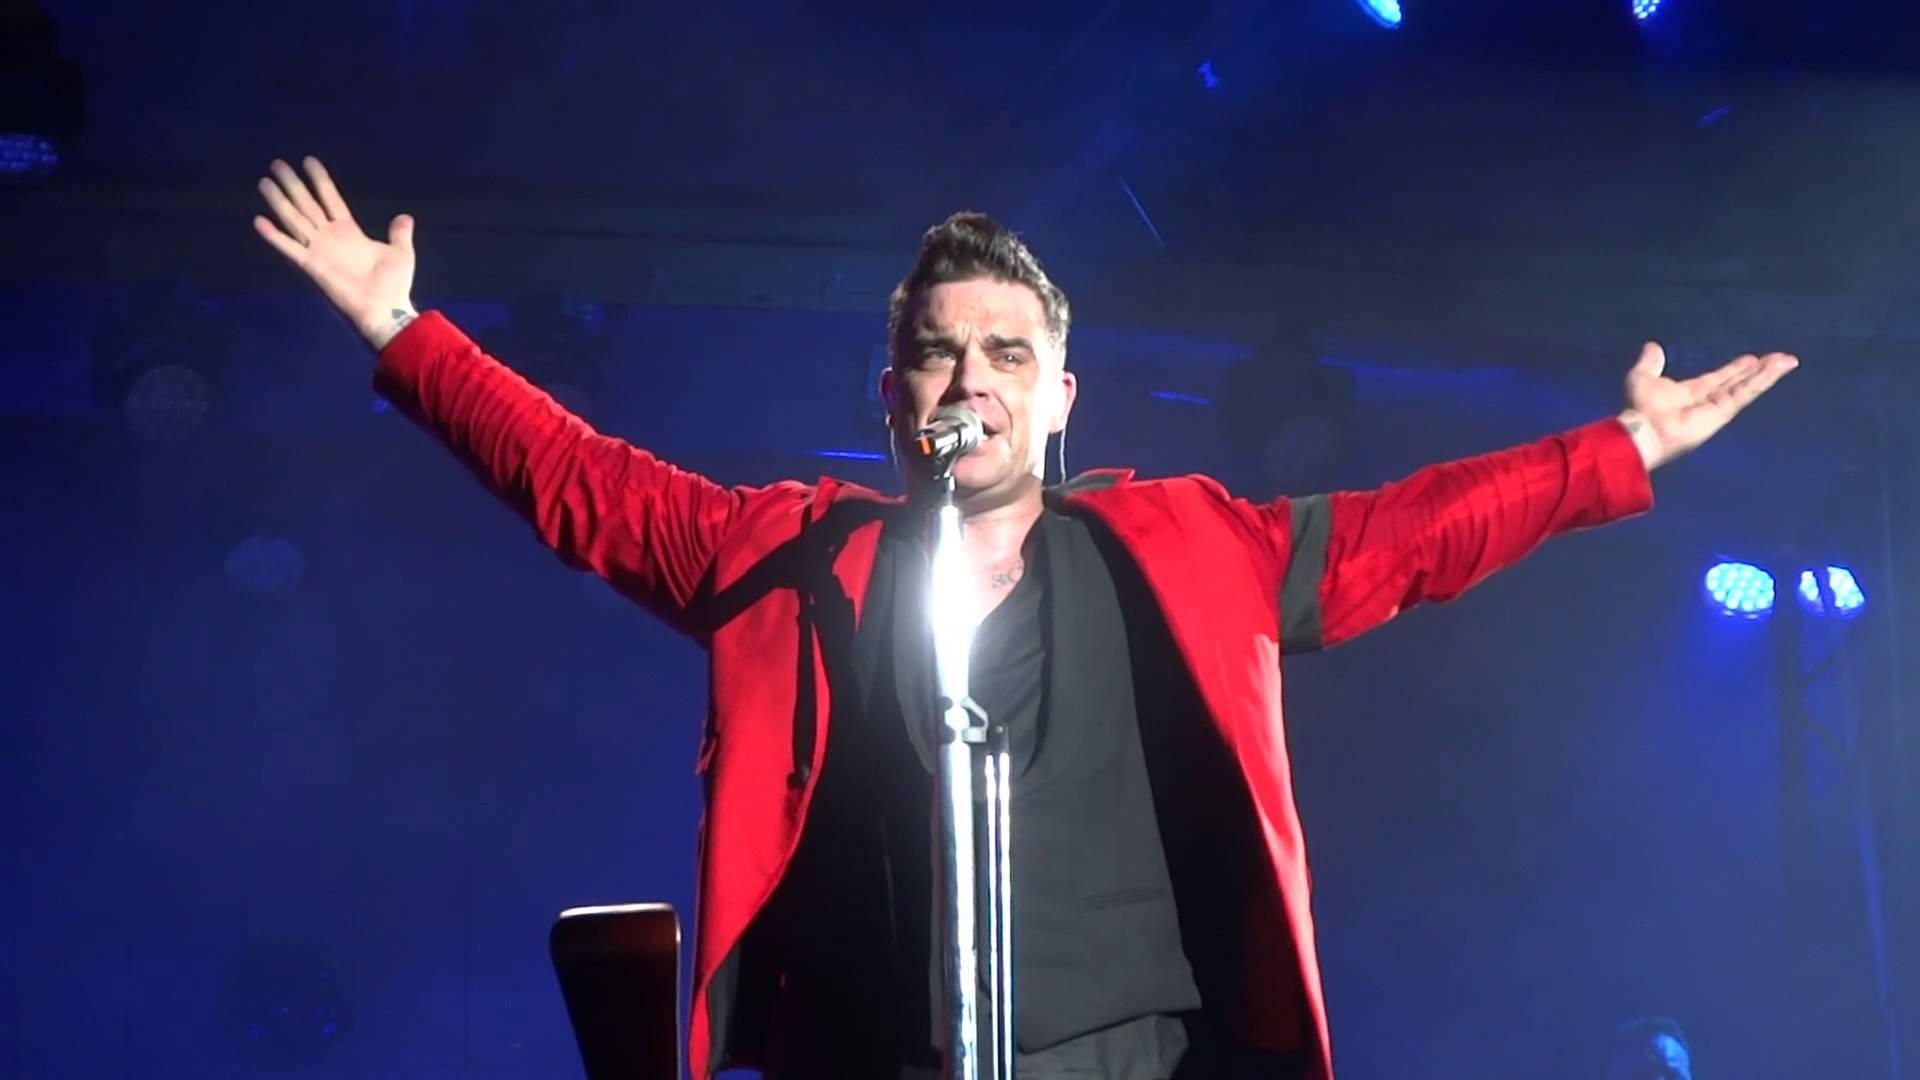 НЕВИДЕН ИНТЕРЕС: За еден ден продадени над 8.000 влезници за концертот на Роби Вилијамс во Белград